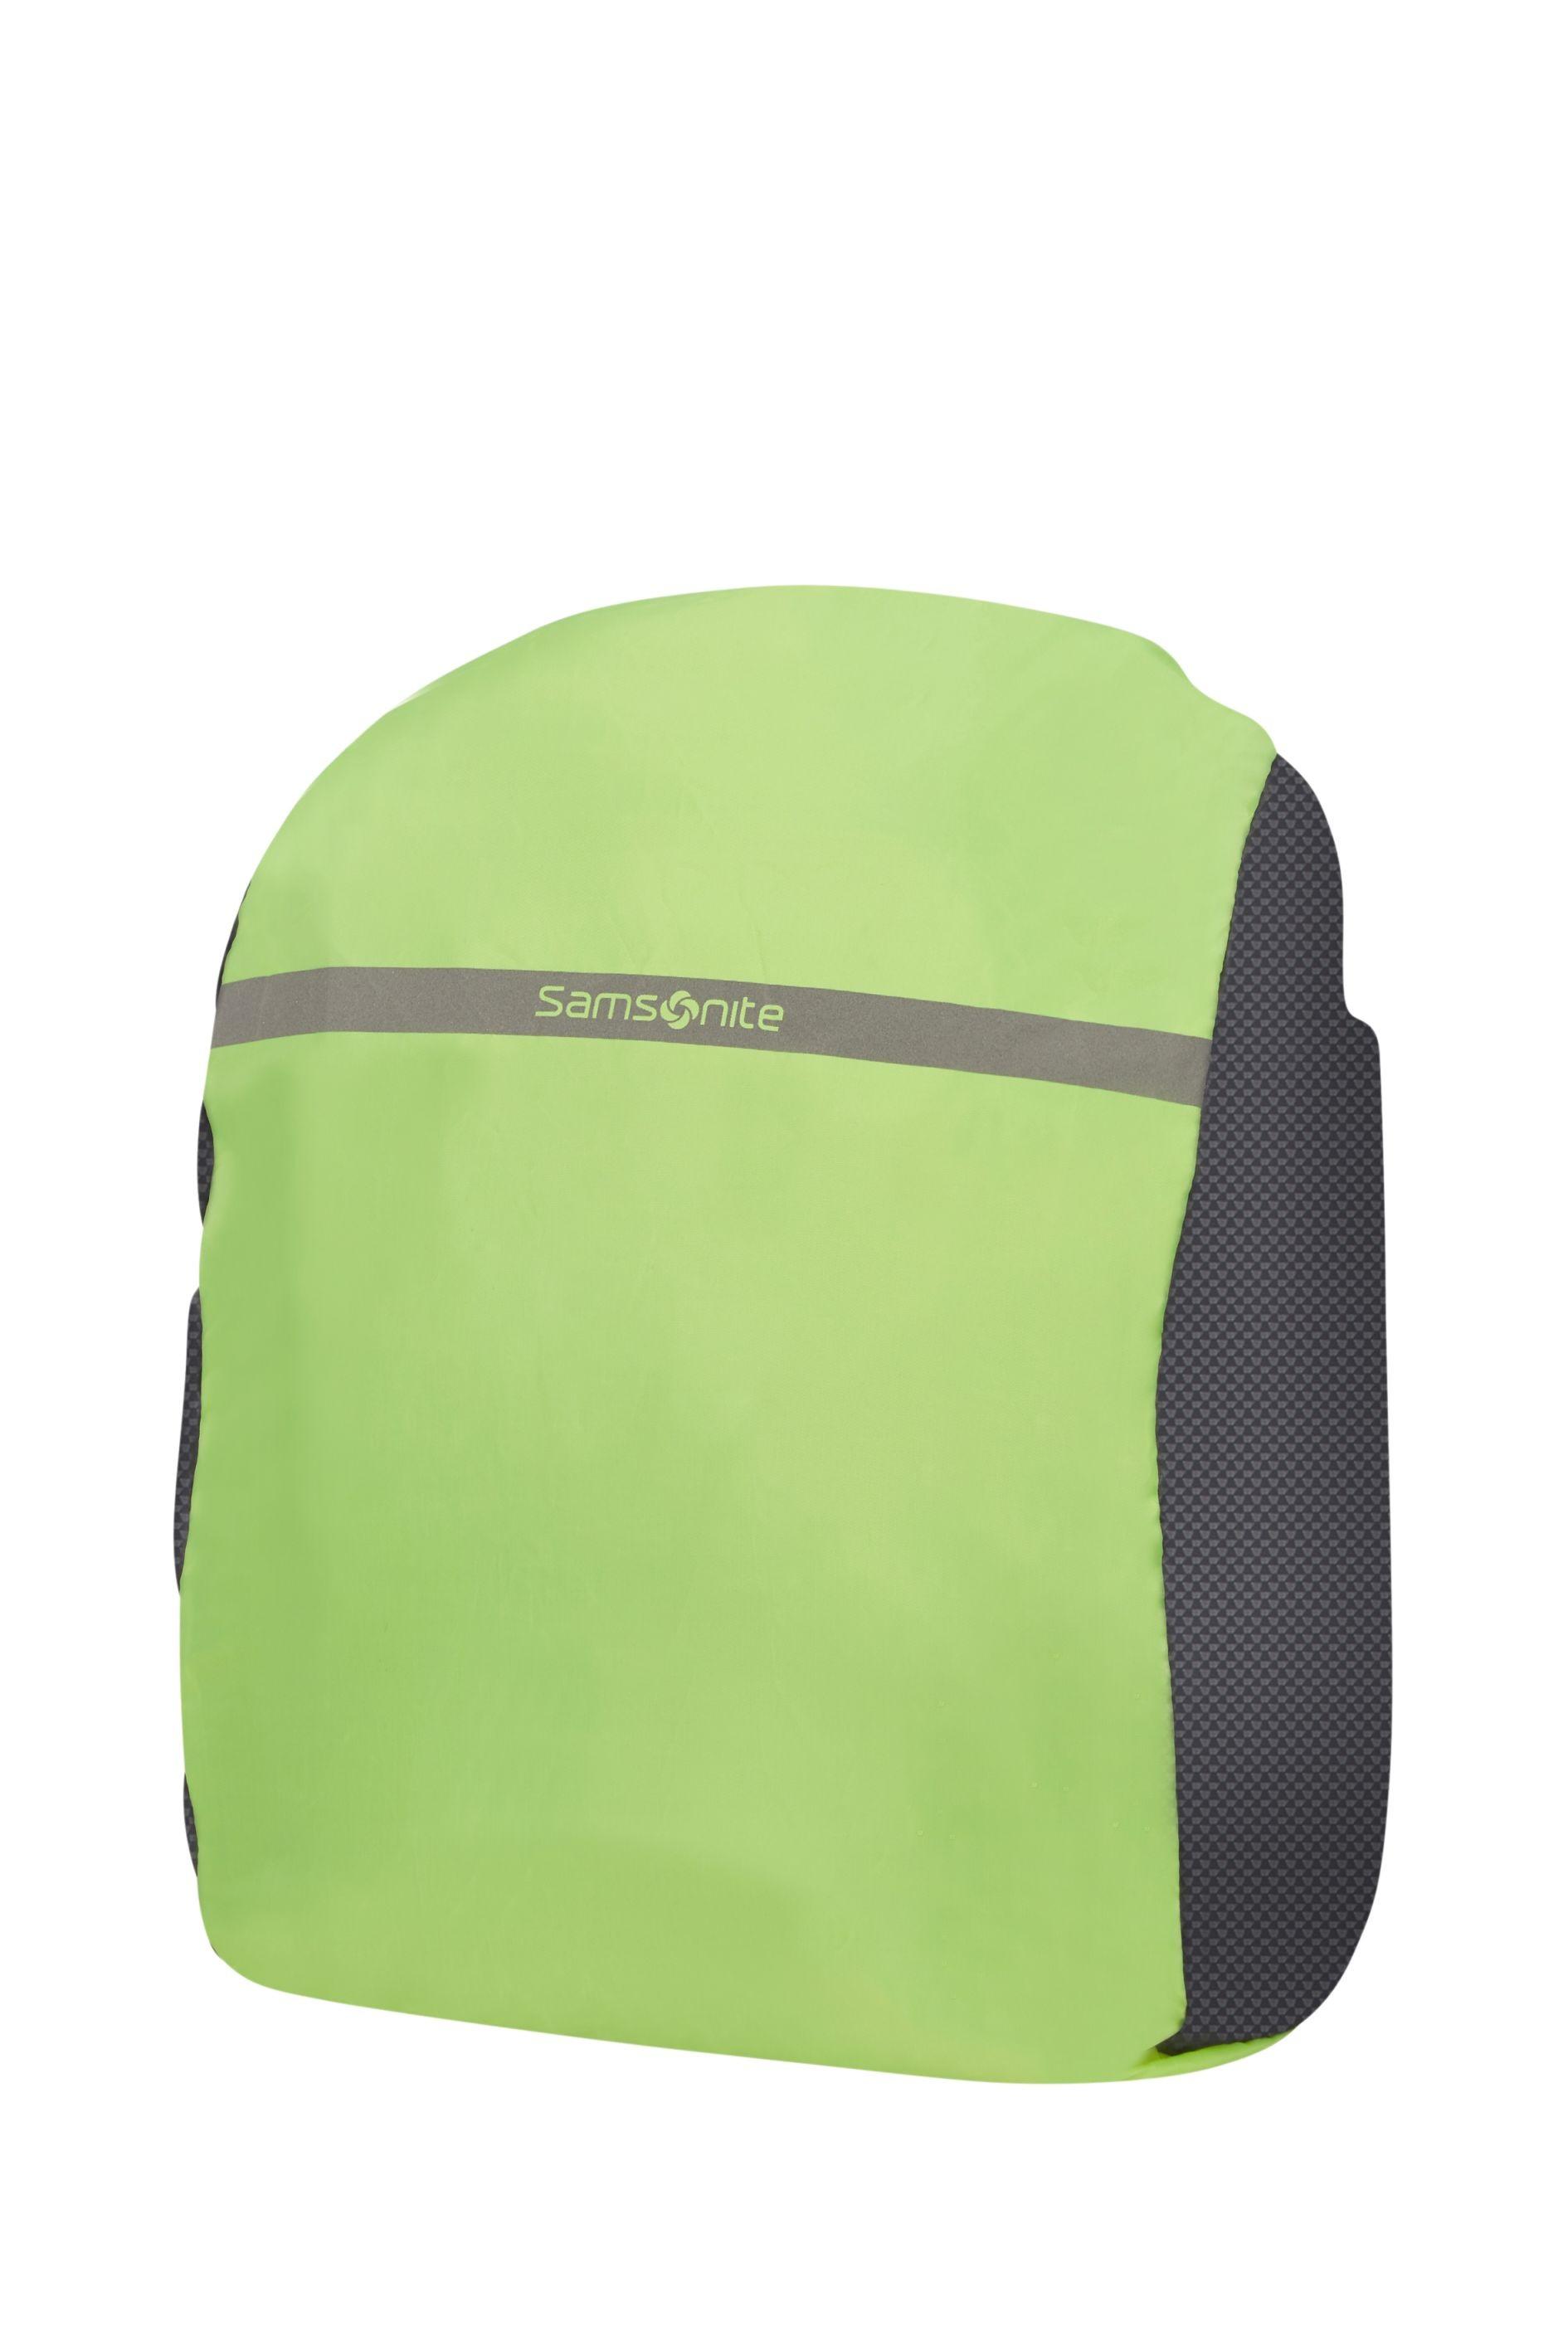 Samsonite Sonora Laptop Backpack L EXP, View 6